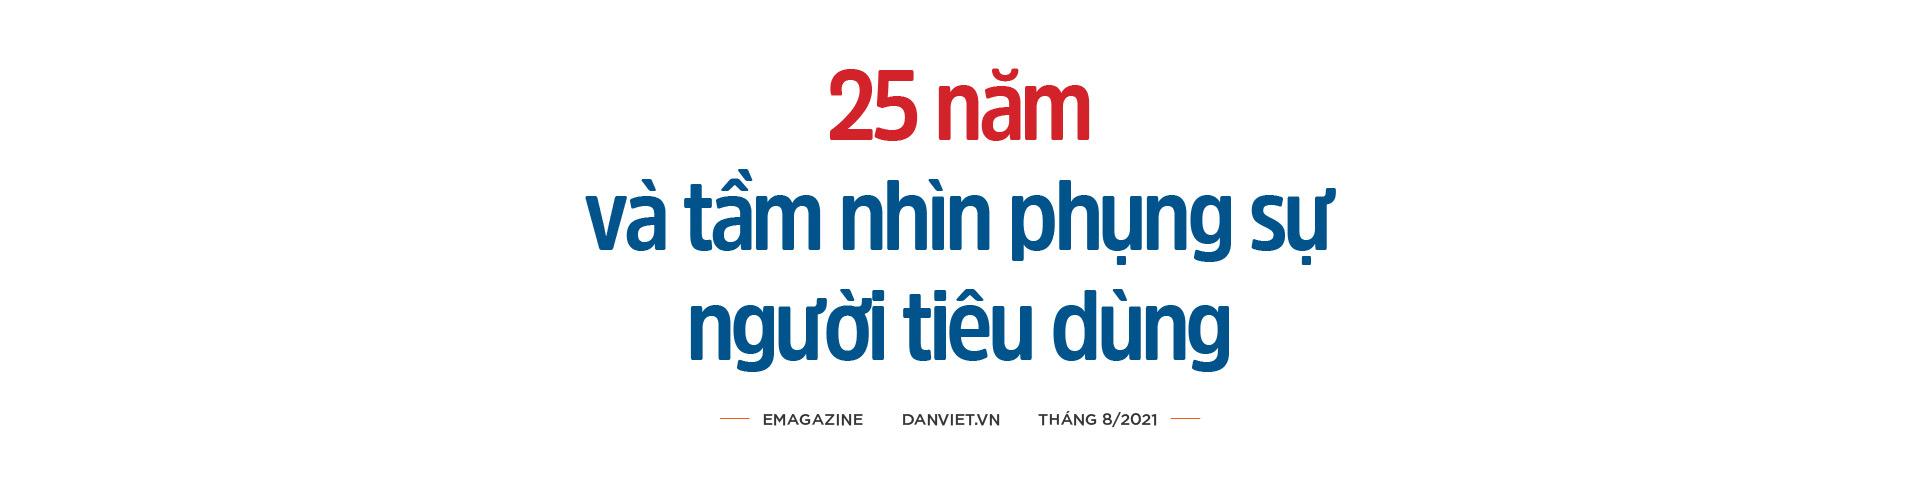 """Masan và tham vọng trở thành """"Walmart Việt Nam""""- nhà bán lẻ hàng đầu trong lĩnh vực tiêu dùng - Ảnh 2."""